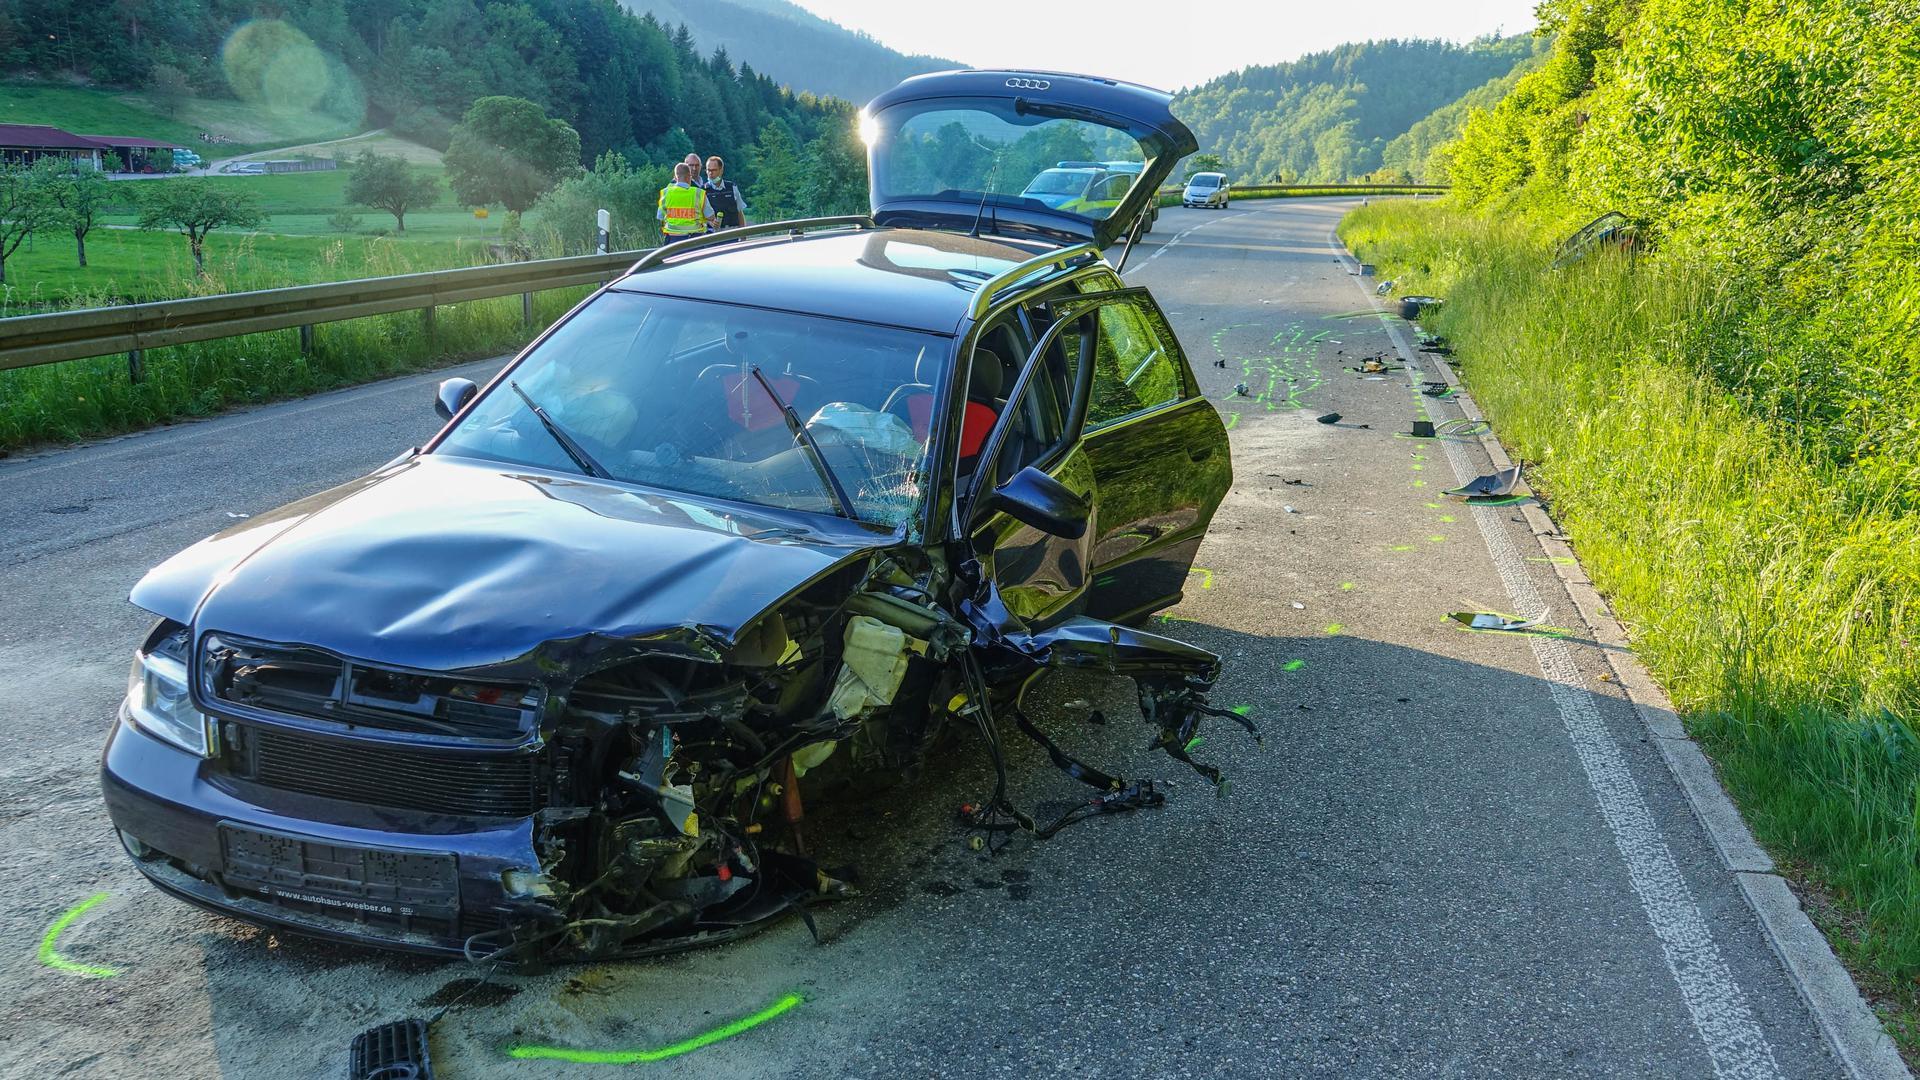 Drei verletzte Autoinsassen sind die traurige Bilanz eines Verkehrsunfalles, der sich am Dienstagabend gegen 18:30 Uhr auf der B28 kurz vor Oppenau ereignete.